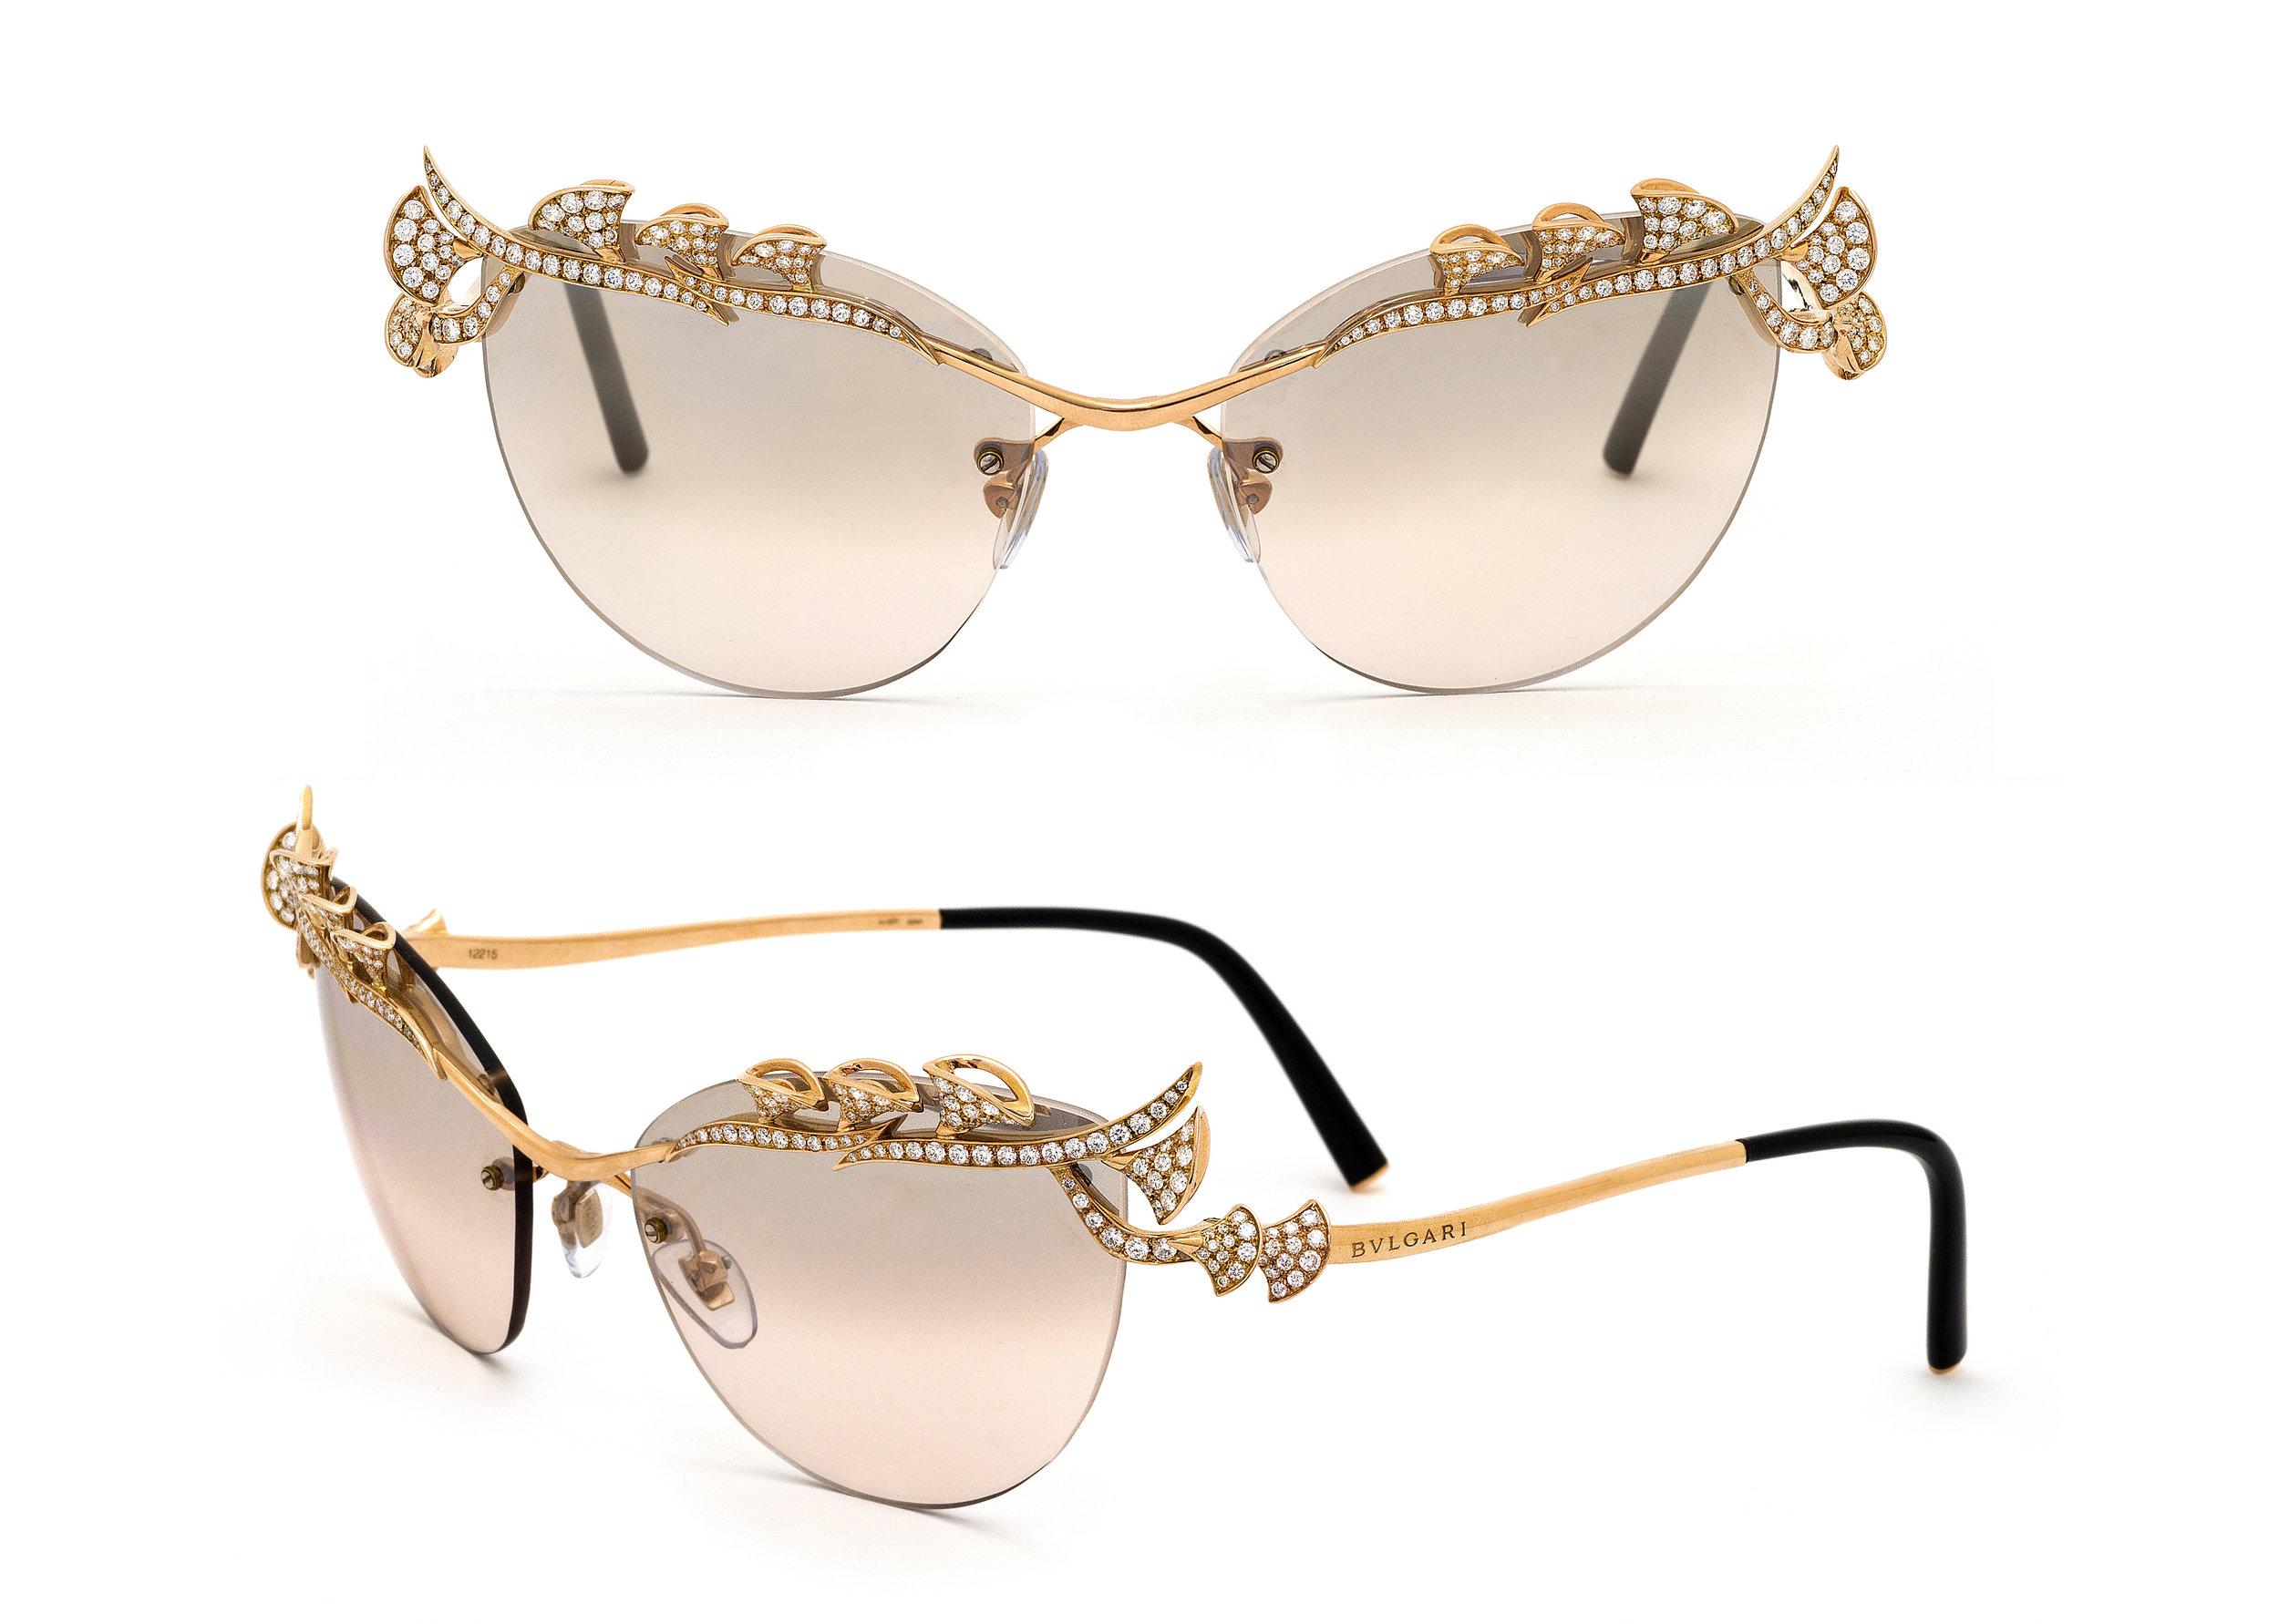 BVLGARI Pink & Diamond sunglasses by Andrew Werner .jpg